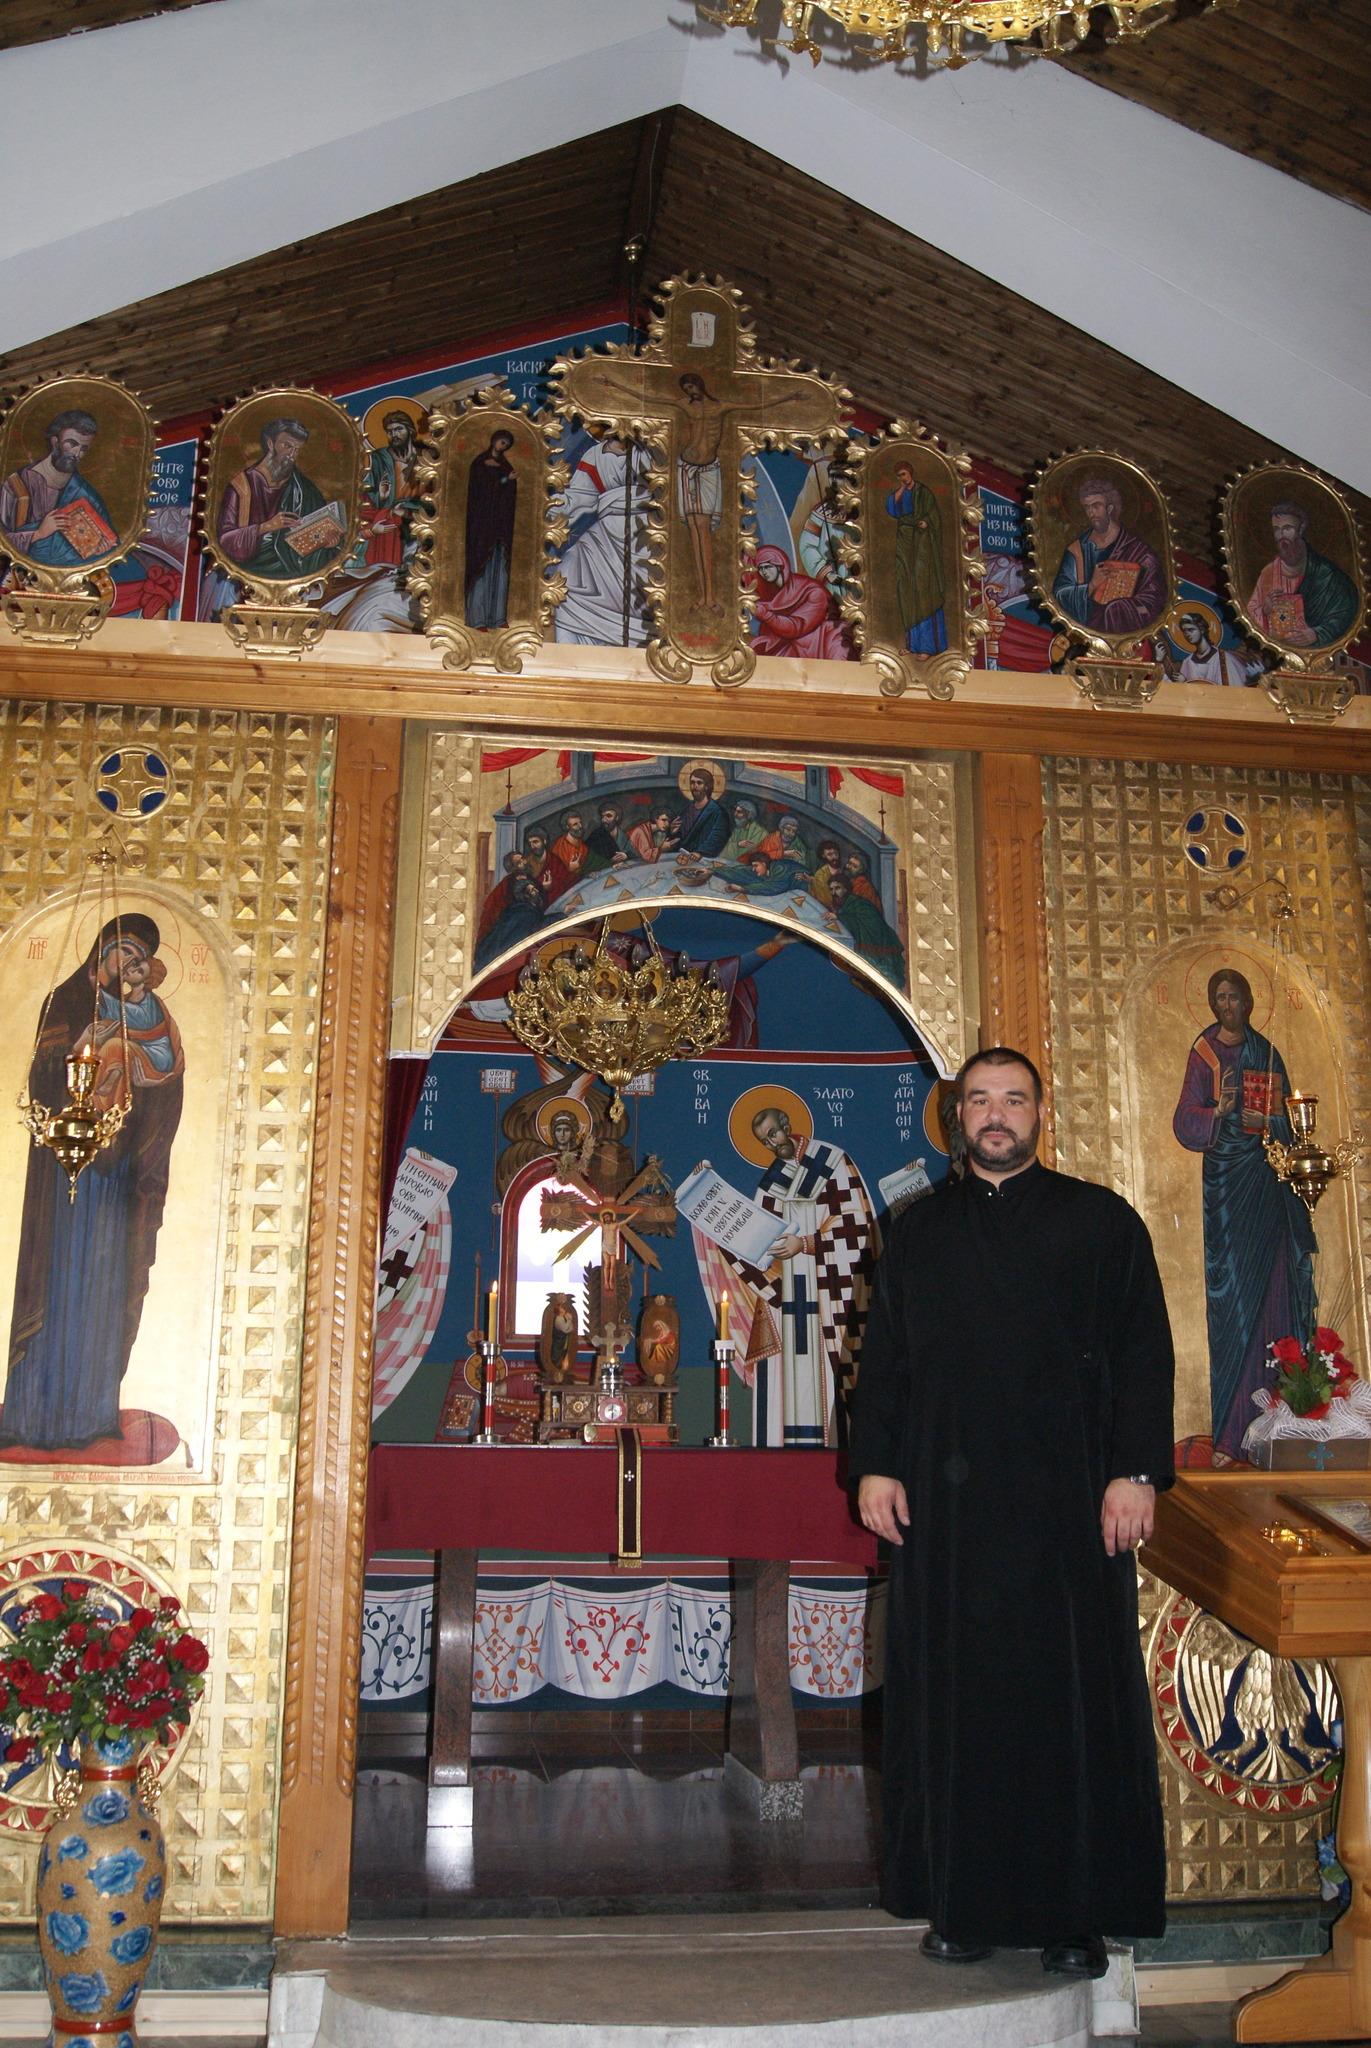 Frohe Weihnachten Serbisch.Weihnachten In Der Serbisch Orthodoxen Kirche Enns